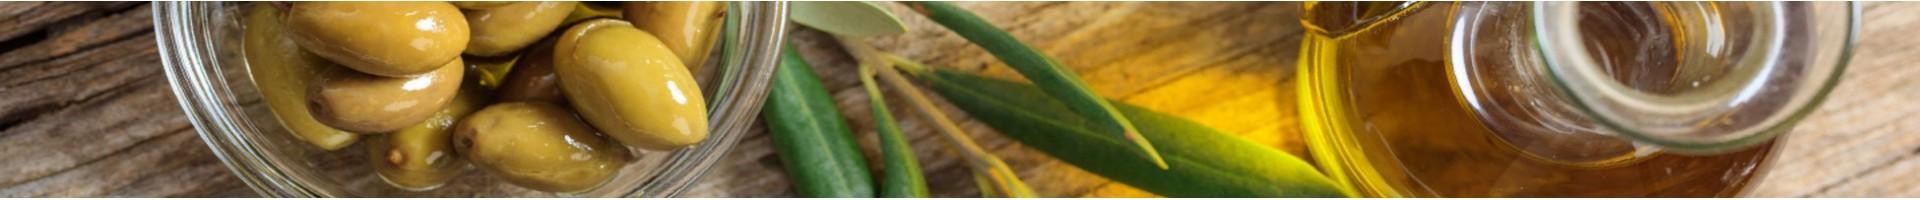 Aceite de Oliva, Aceite de Coco, de Semilla de Lino | La Finestra